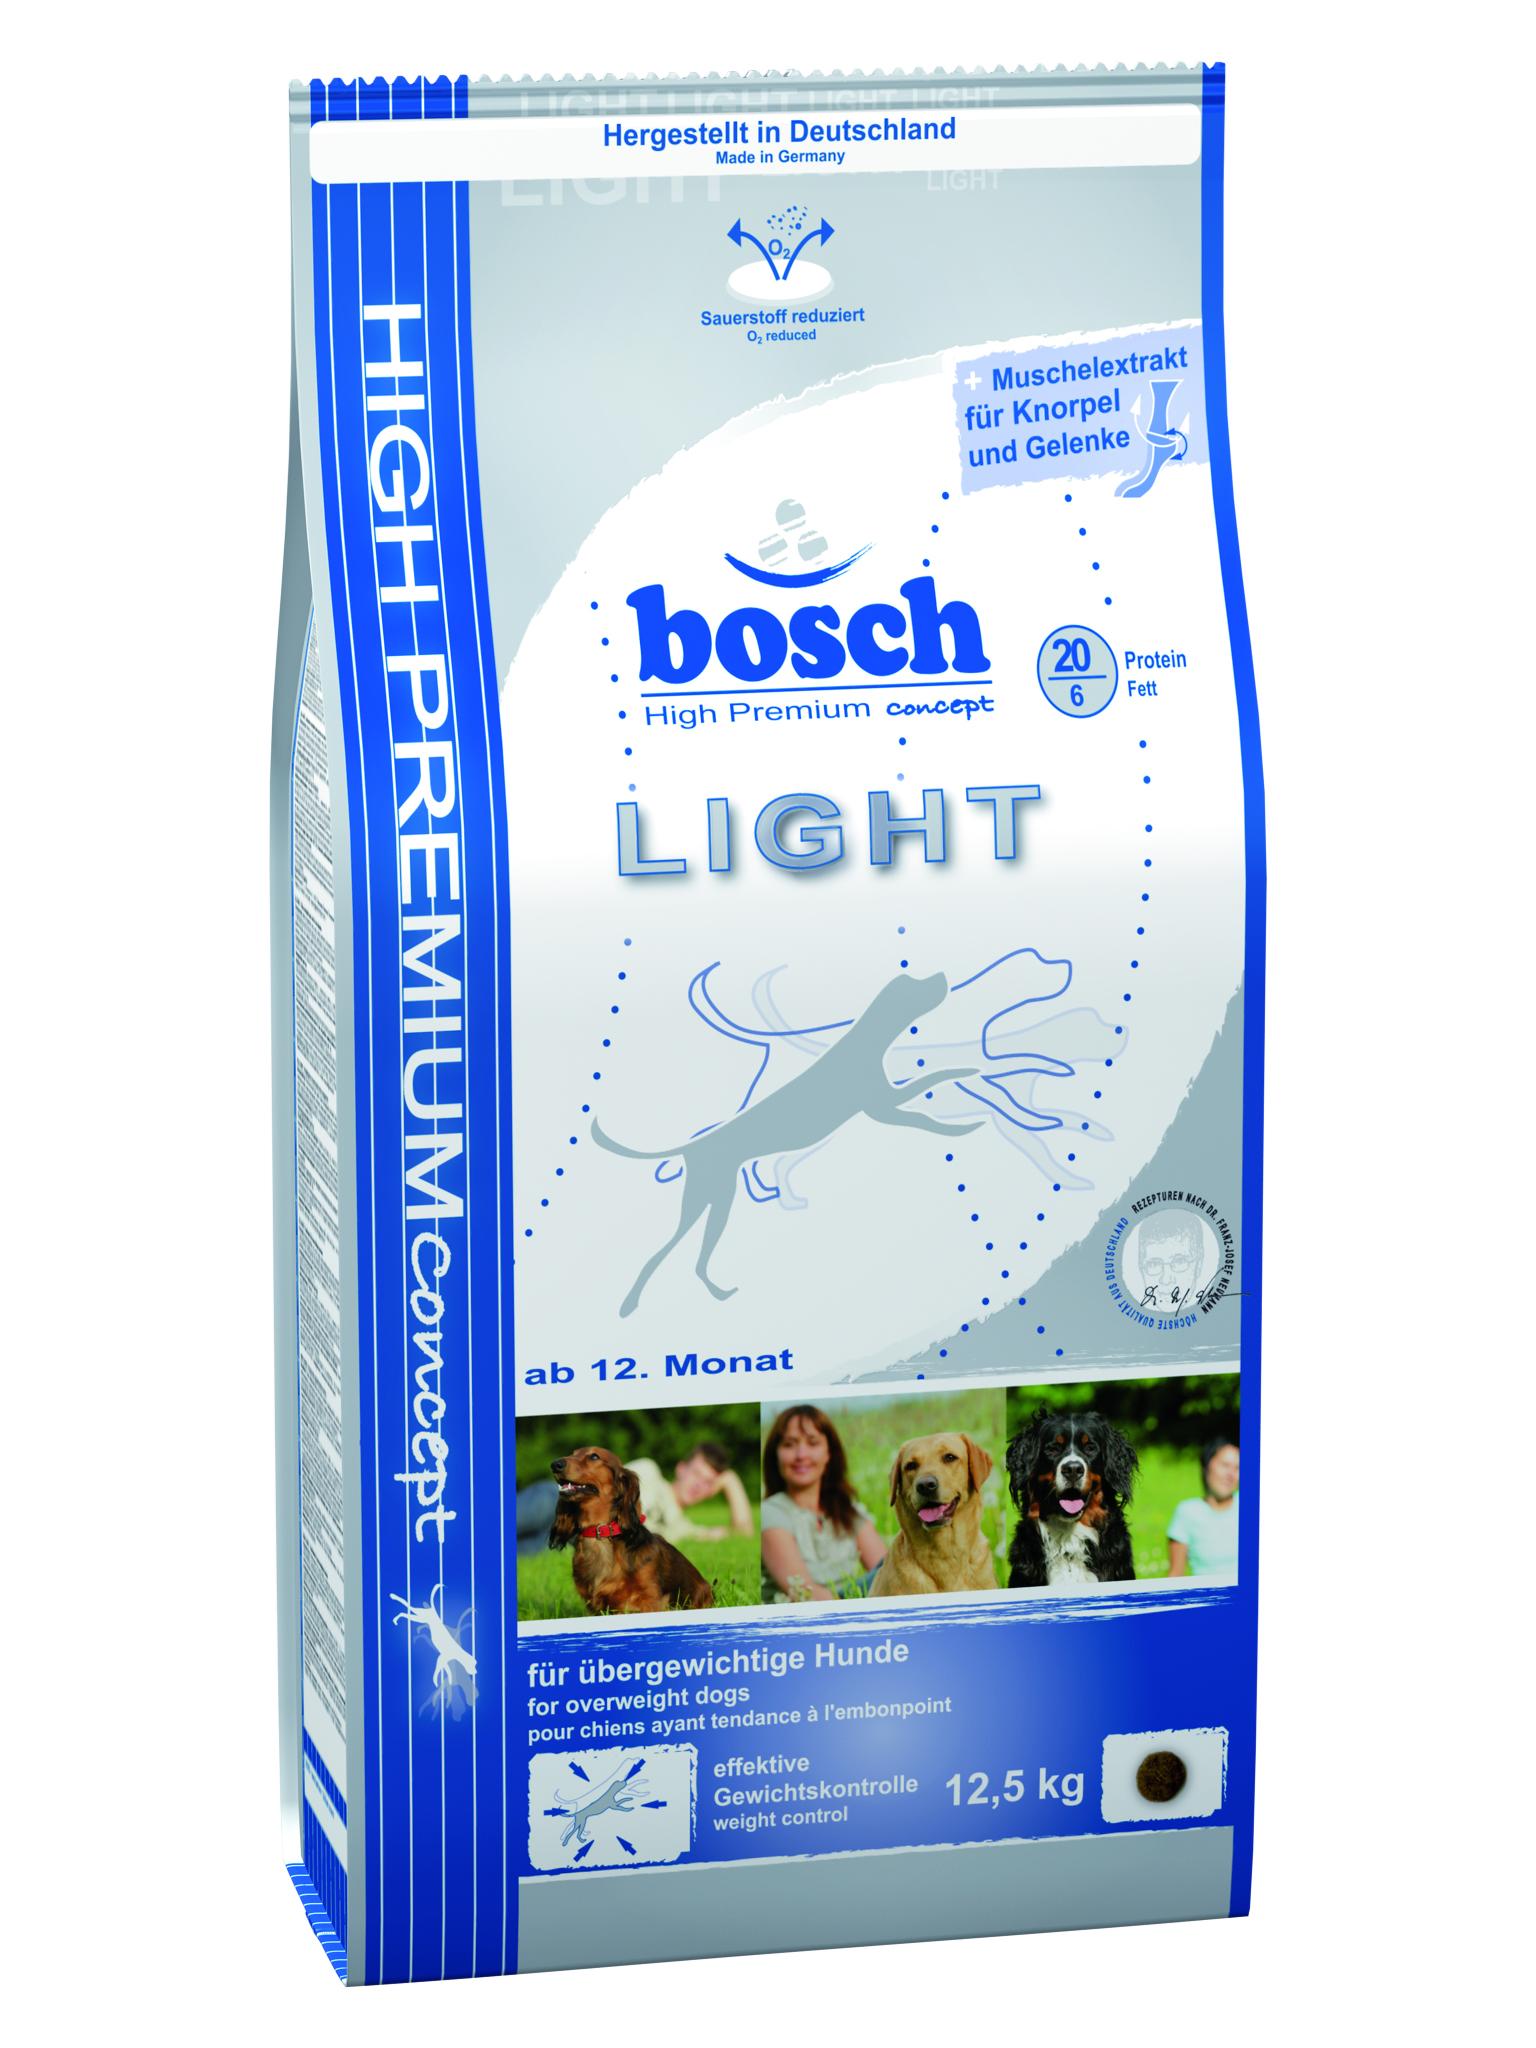 Сухой_корм_Bosch_~Light~_-_низкокалорийный_сухой_корм_с_пониженным_содержанием_жиров_и_высоким_содержанием_клетчатки._Этот_рацион_предназначен_для_собак,_склонных_к_полноте,_и_собак_с_избыточным_весом.Корм_содержит_все_необходимые_питательные_компоненты,_обеспечивающие_отличное_состояние_здоровья._Сокращение_получаемой_энергии_за_счет_уменьшения_протеина_и_жиров_при_том_же_объеме_корма,_позволяет_собаке_сохранять_форму,_не_испытывая_постоянного_чувства_голода.Прекрасно_подходит_для_кормления_собак_в_летний_период._Ингредиенты:_мясо_домашней_птицы,_рис,_ячмень,_кукуруза,_пшеничные_отруби,_пшеница,_свекольная_пульпа,_клетчатка,_гидролизованное_мясо,_рыбная_мука,_мука_из_свежего_мяса,_животный_жир,_рыбий_жир,_горох,_дрожжи,_поваренная_соль,_хлорид_калия,_мука_из_мидий,_порошок_цикория.Добавки:_витамин_А_-_12000_ME,_витамин_D3_-_1200_ME,_витамин_Е_-_70_мг,_медь_(в_форме_сульфата_меди_(II),_пентагидрат)_-_10_мг,_цинк_(в_форме_окиси_цинка)_-_70_мг,_цинк_(в_аминокислотной_хелатной_форме,_гидрат)_-_60_мг,_йод_-_2_мг,_селен_-_0,2_мг,_антиоксидант.Процентное_содержание:_протеин_-_20%25,_жир_-_6%25,_клетчатка_-_7%25,_минеральные_вещества_-_5%25,_влажность_-_10%25,_экстрактивные_вещества,_не_содержащие_азот_-_52%25.Товар_сертифицирован.__Уважаемые_клиенты!_Обращаем_ваше_внимание_на_возможные_изменения_в_дизайне_упаковки._Качественные_характеристики_товара_остаются_неизменными._Поставка_осуществляется_в_зависимости_от_наличия_на_складе.